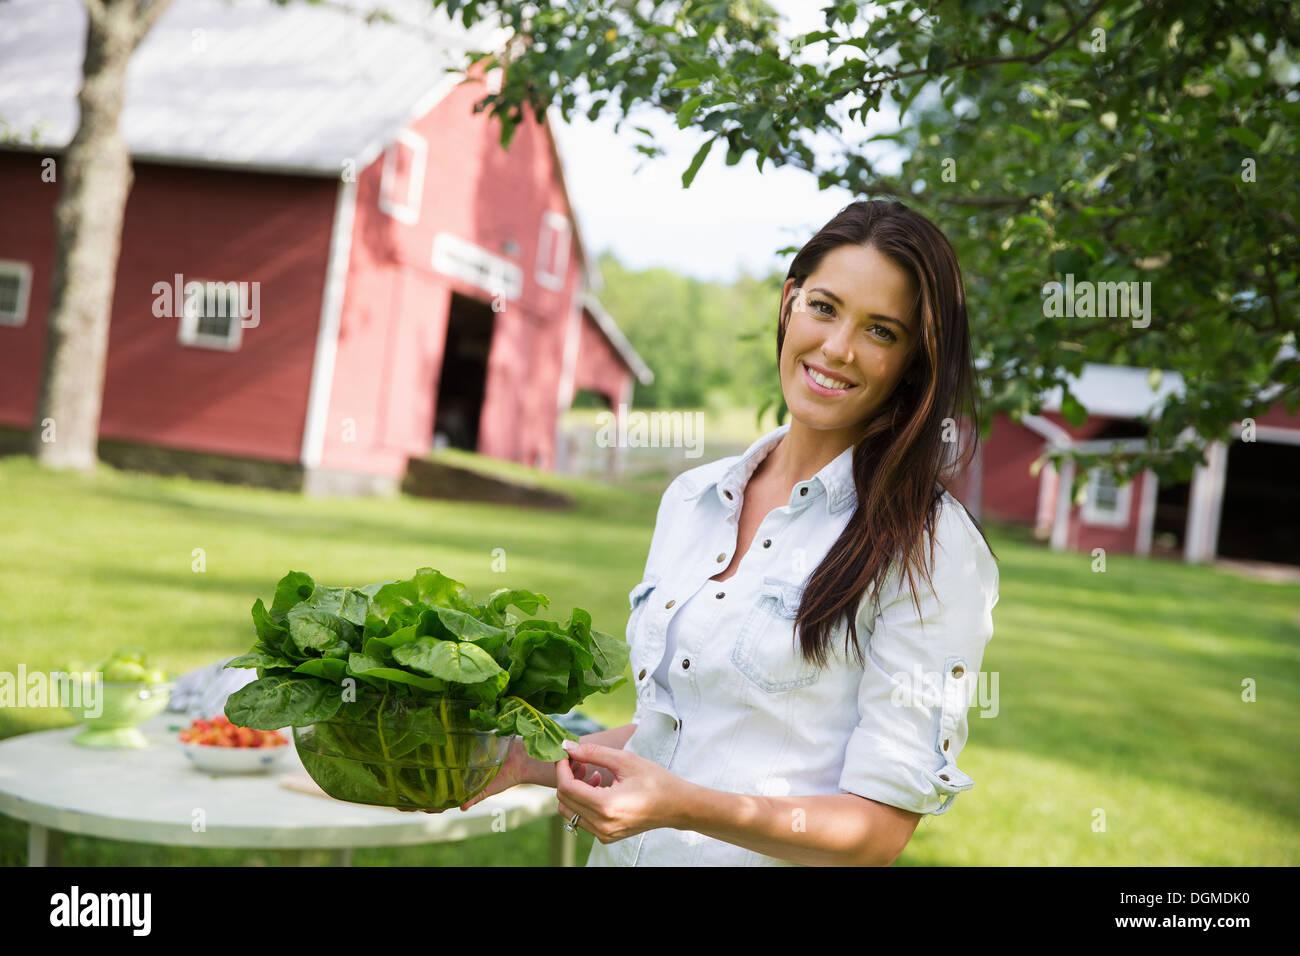 Ein Sommer Familientreffen Bauernhof junge Frau lange braune Haare rollte Ärmel tragen große Schüssel mit frischem grünen Salat Blätter Stockbild